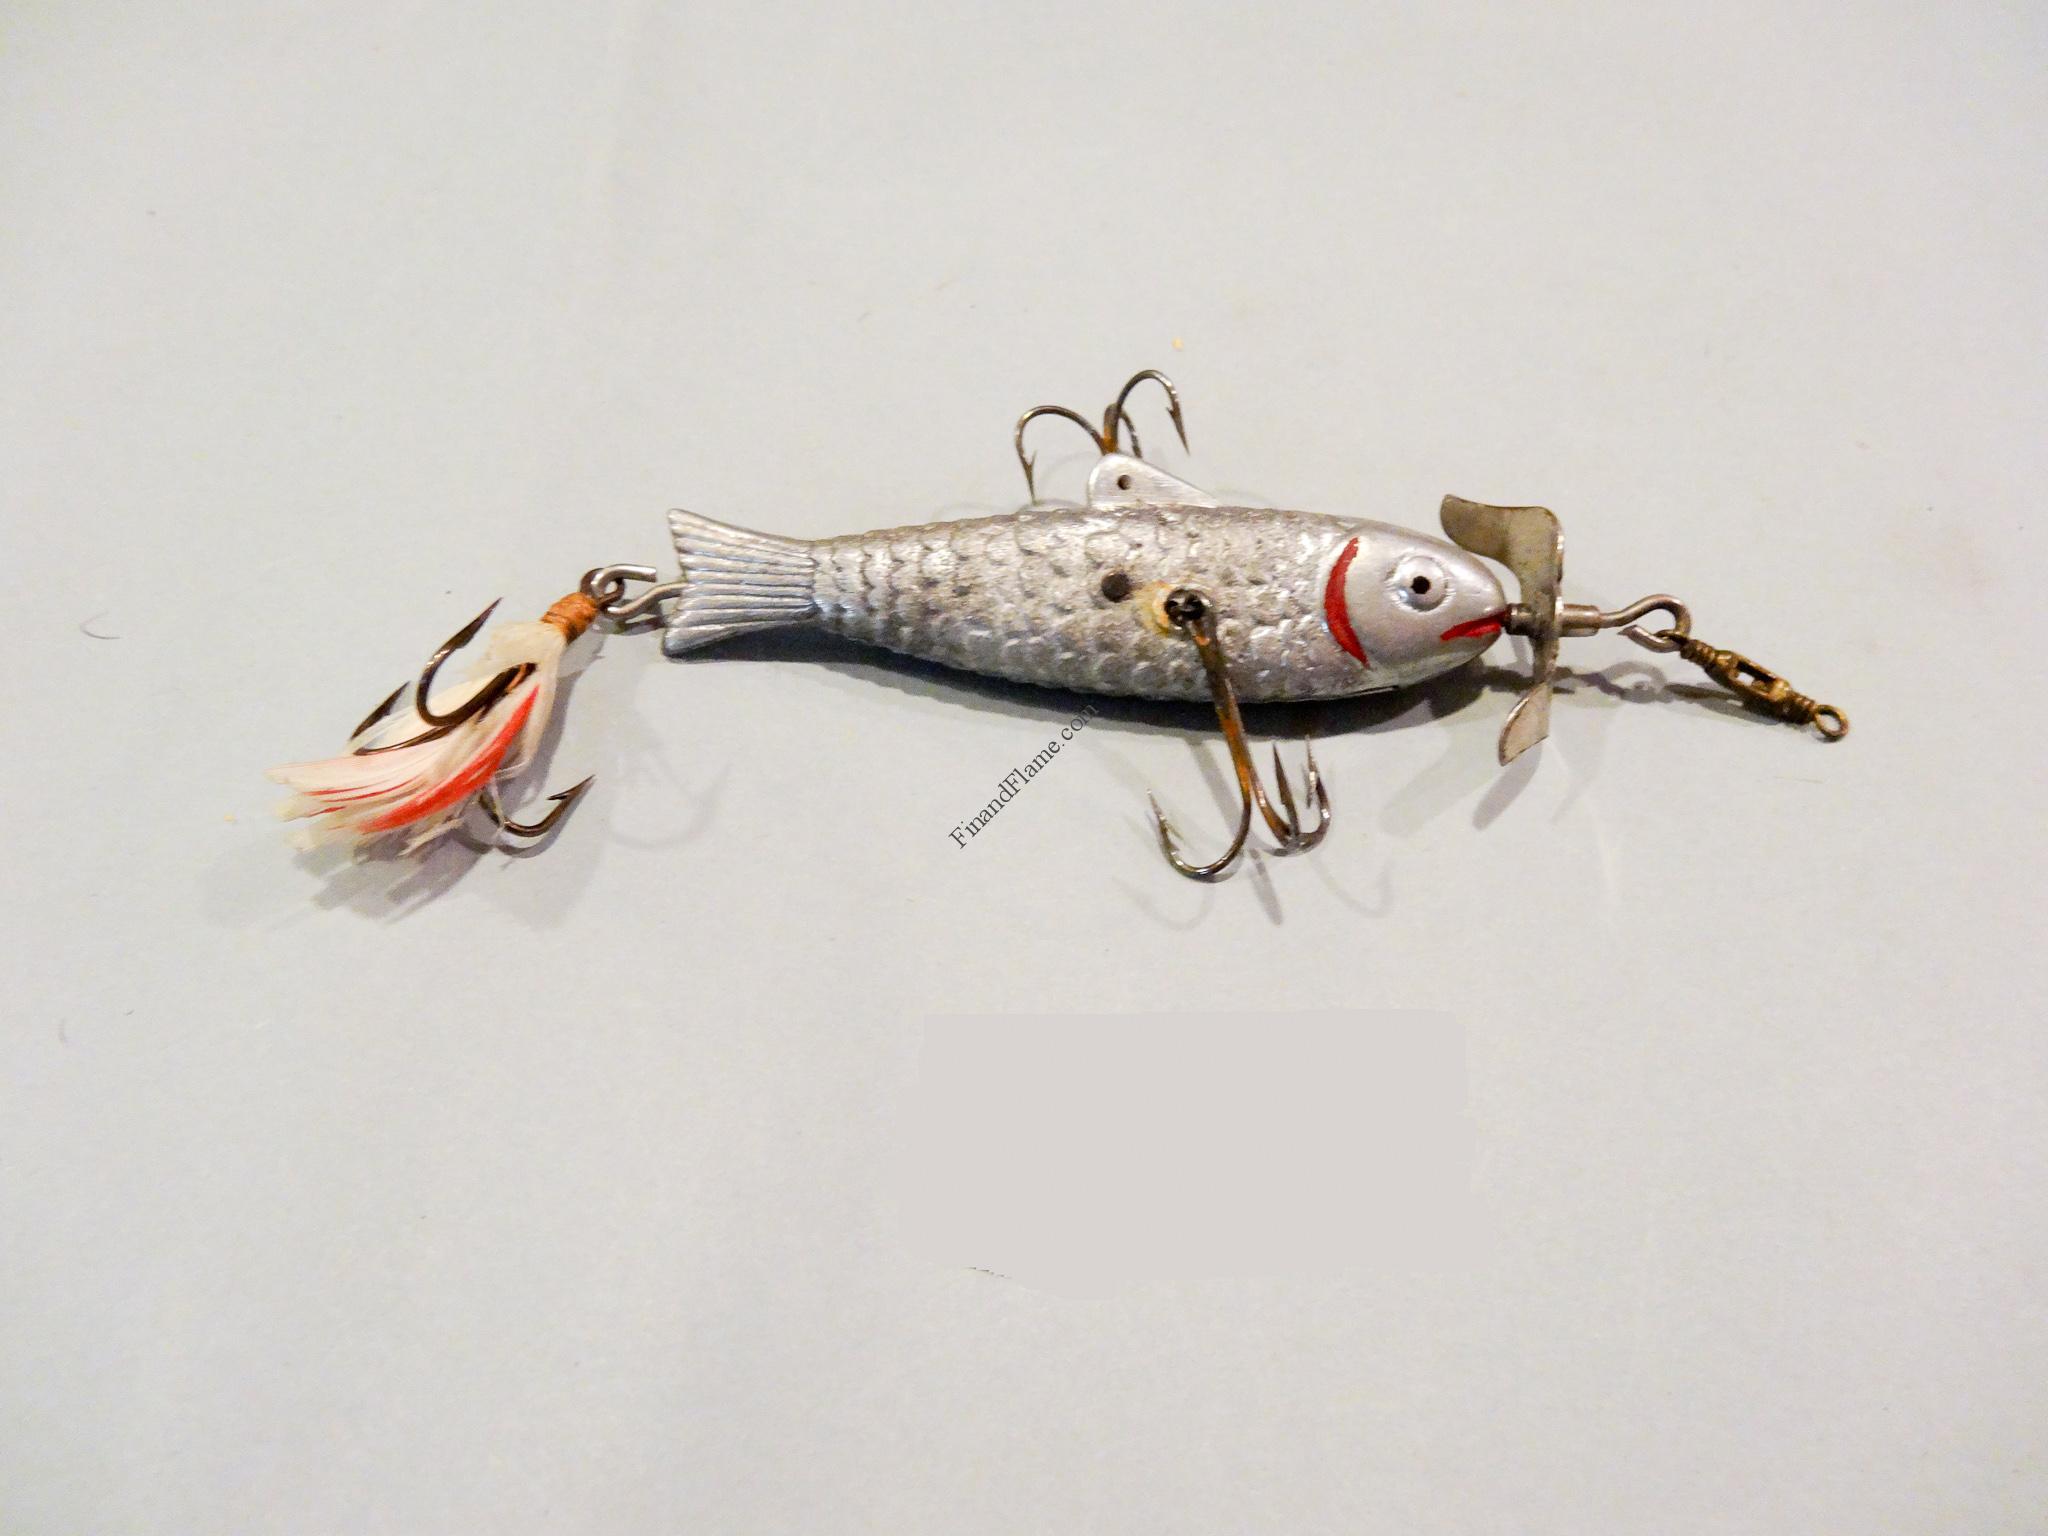 Bonafide Lure 3 Hook Minnow